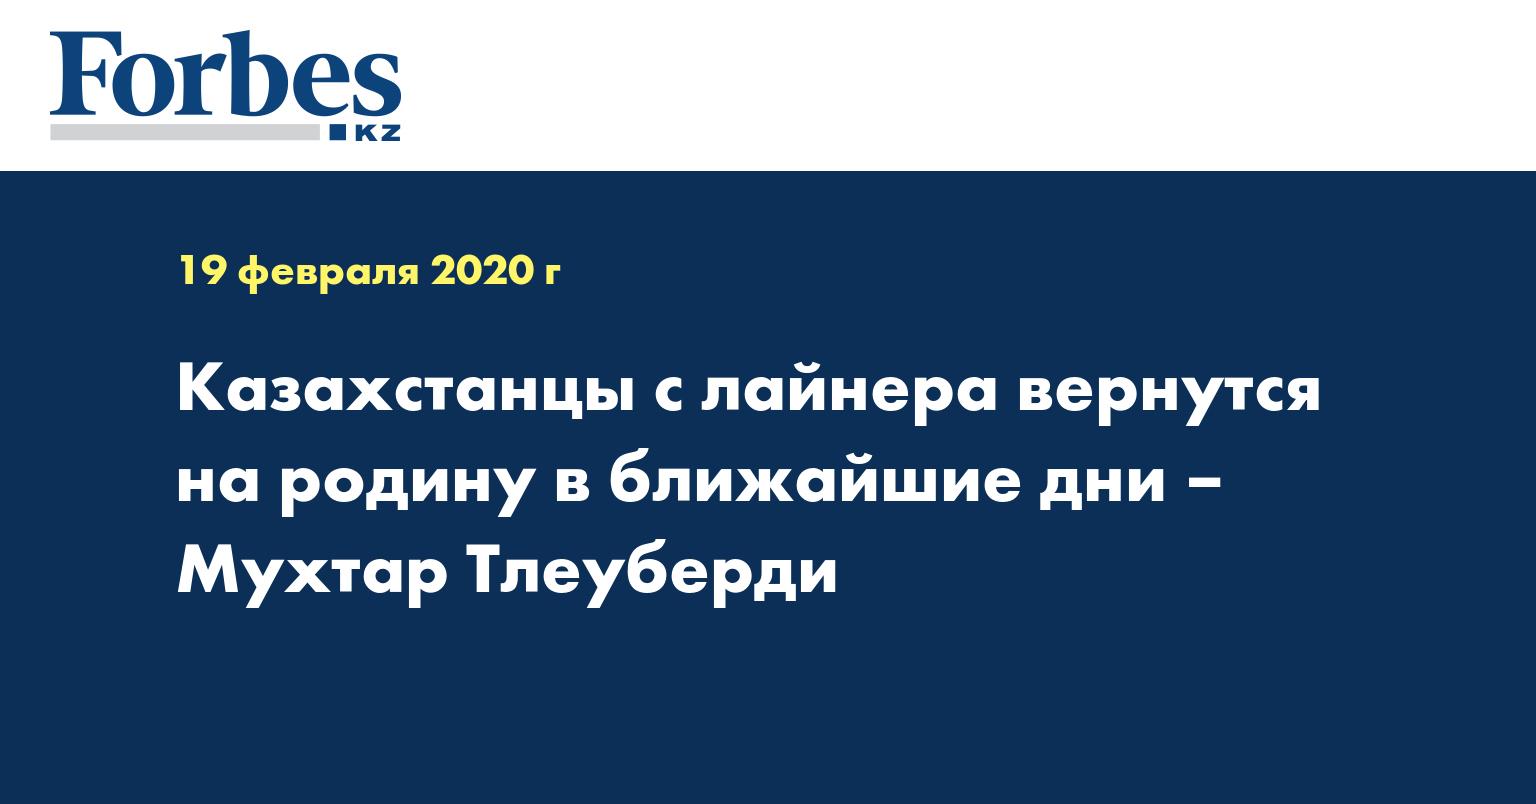 Казахстанцы с лайнера вернутся на родину в ближайшие дни – Мухтар Тлеуберди